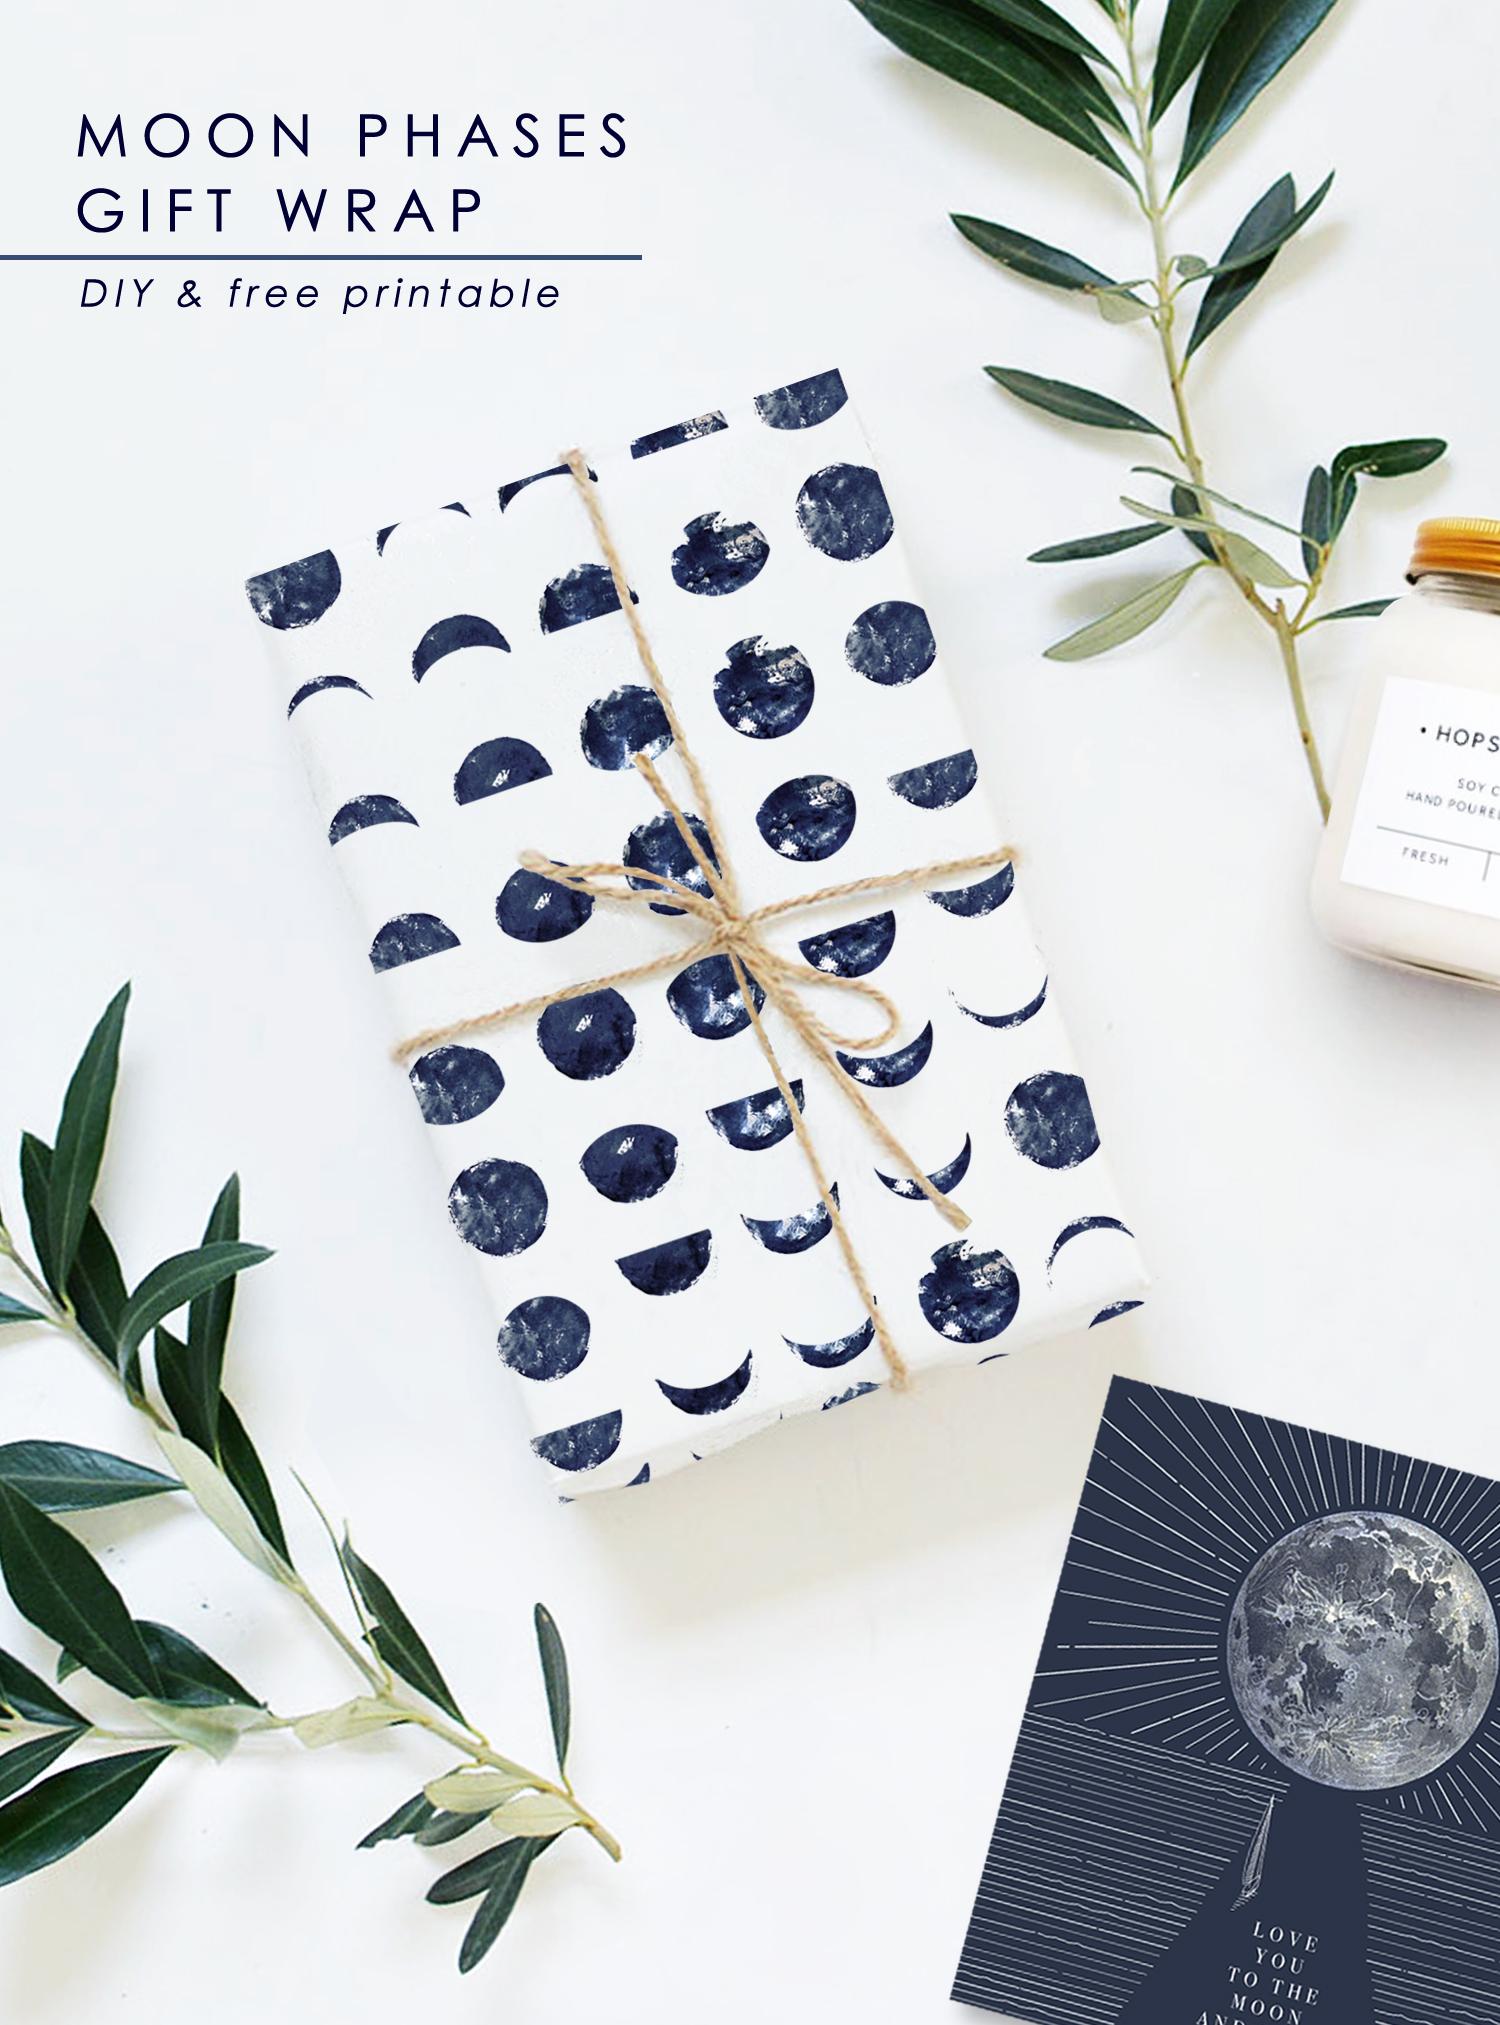 printable moon phases diy gift grap